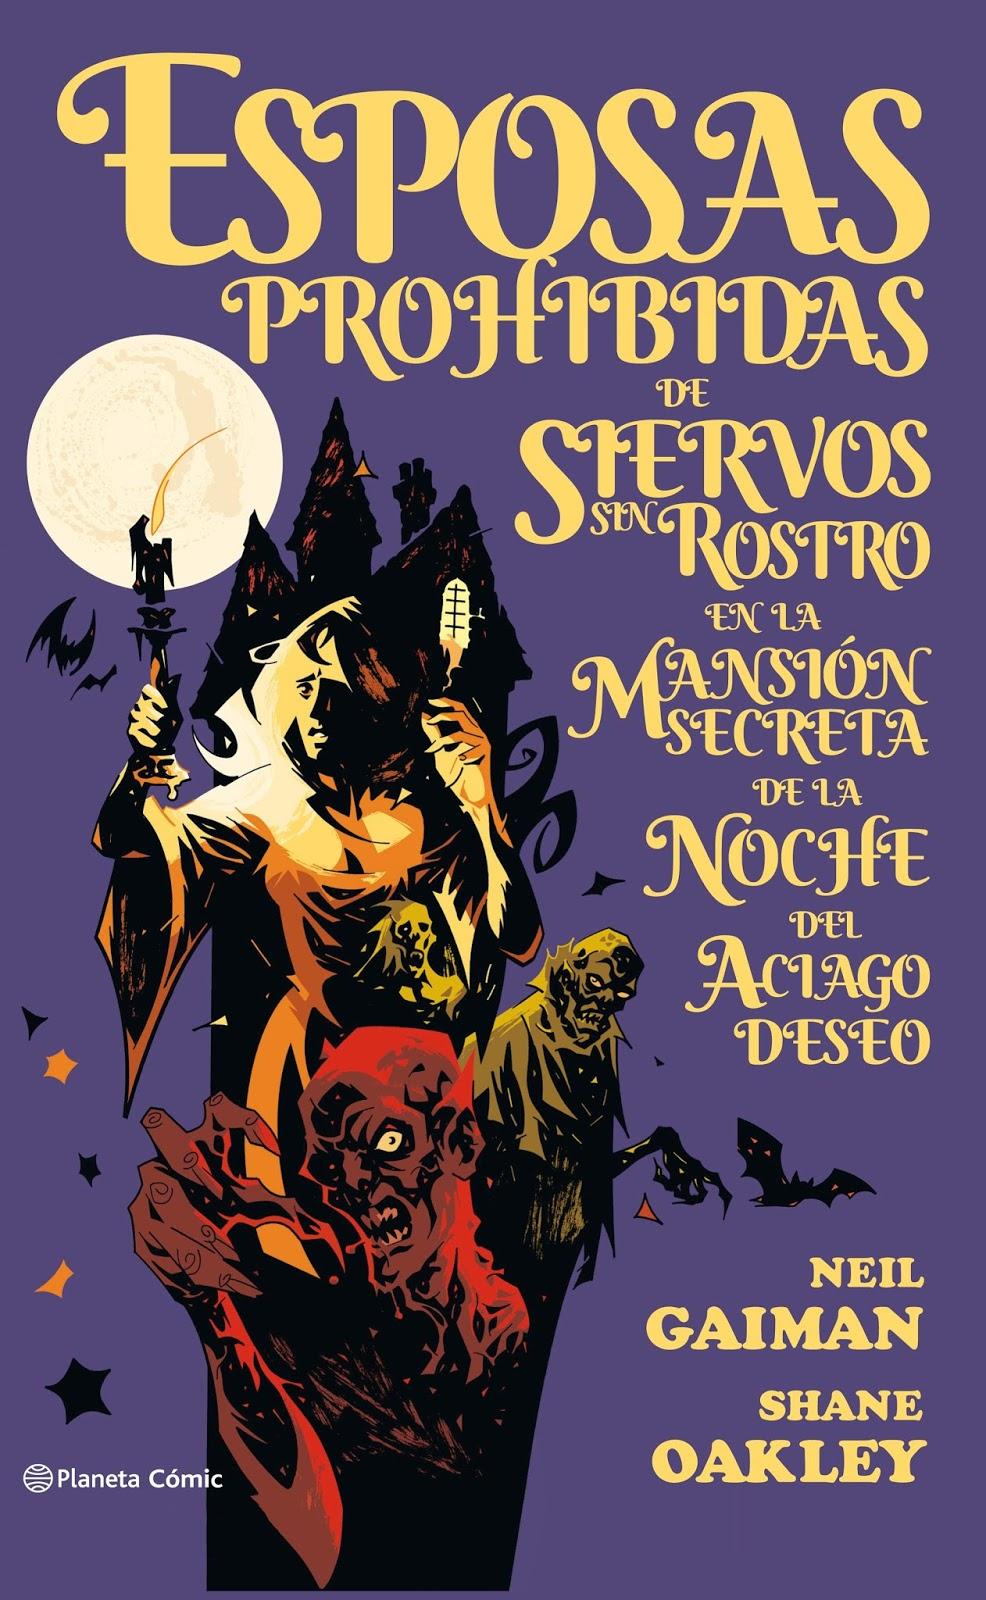 Esposas prohibidas de siervos sin rostro en la mansión secreta de la noche del aciago deseo Neil Gaiman Shane Oakley (1)